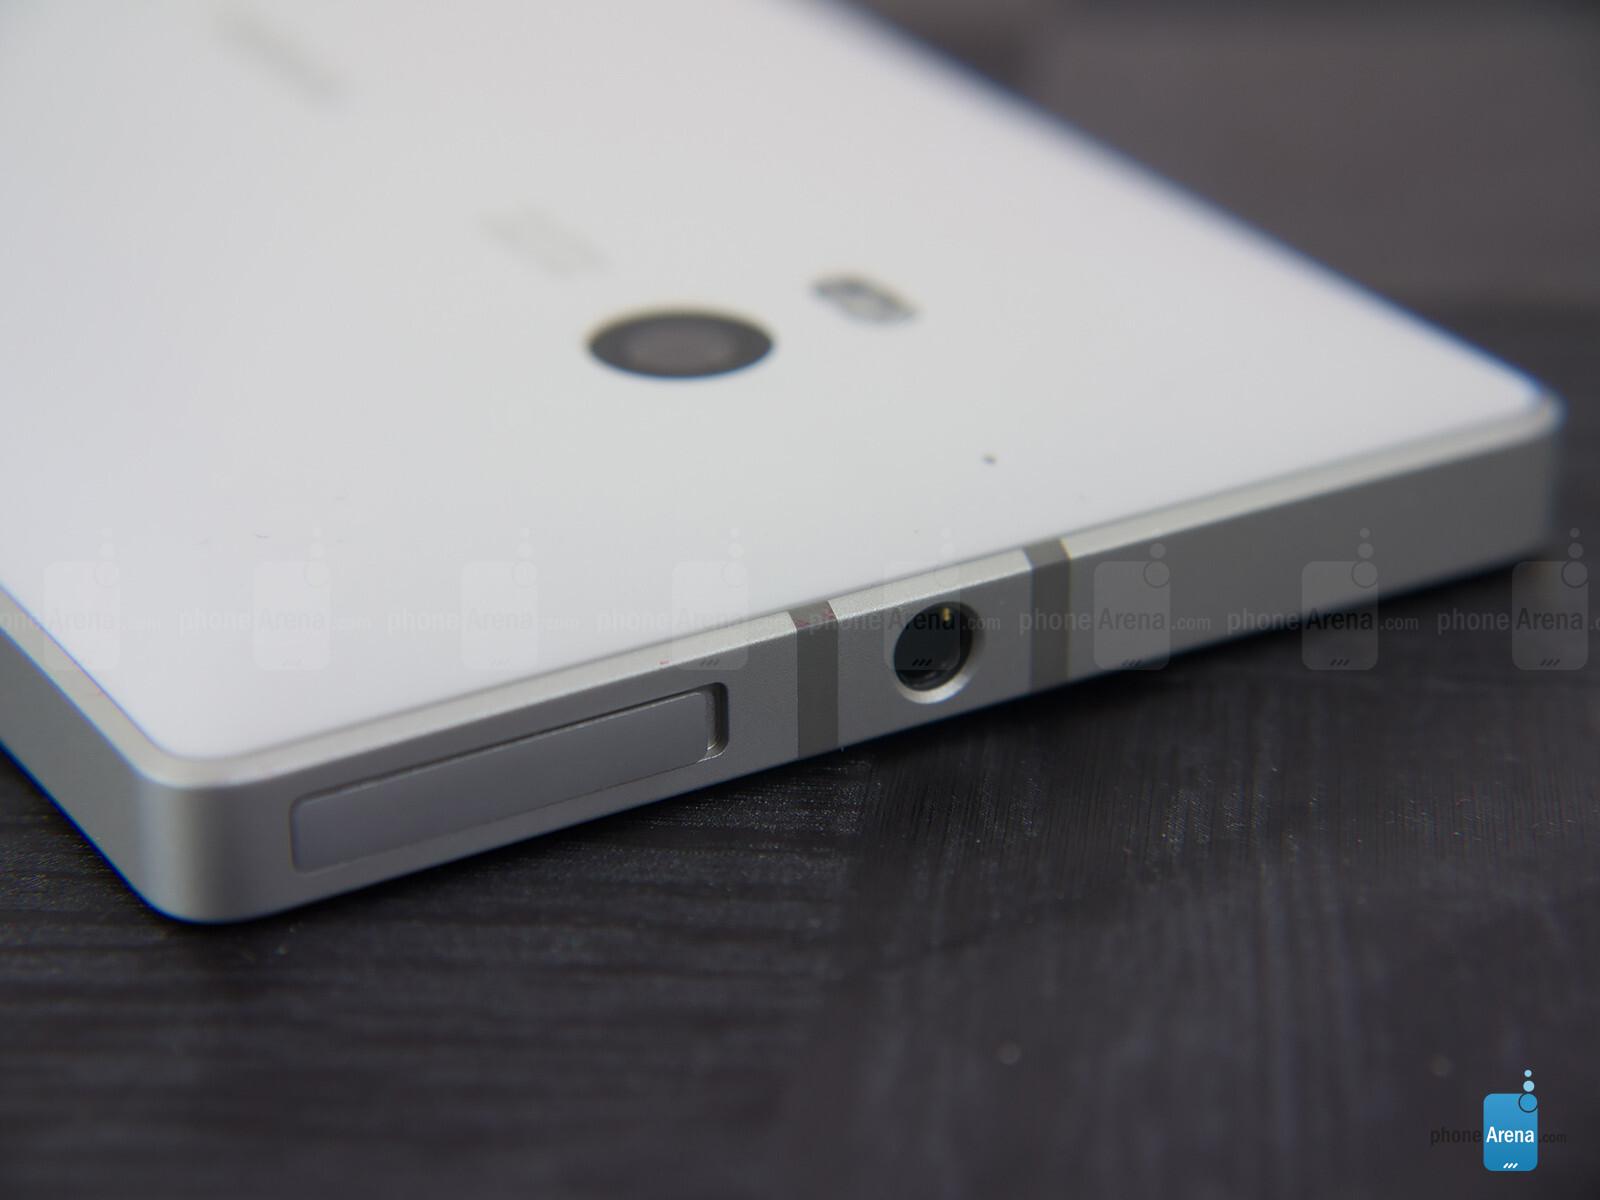 Sforum - Trang thông tin công nghệ mới nhất Nokia-Lumia-Icon-Review-010 Mở hộp Lumia Icon phiên bản nhà mạng Verizon